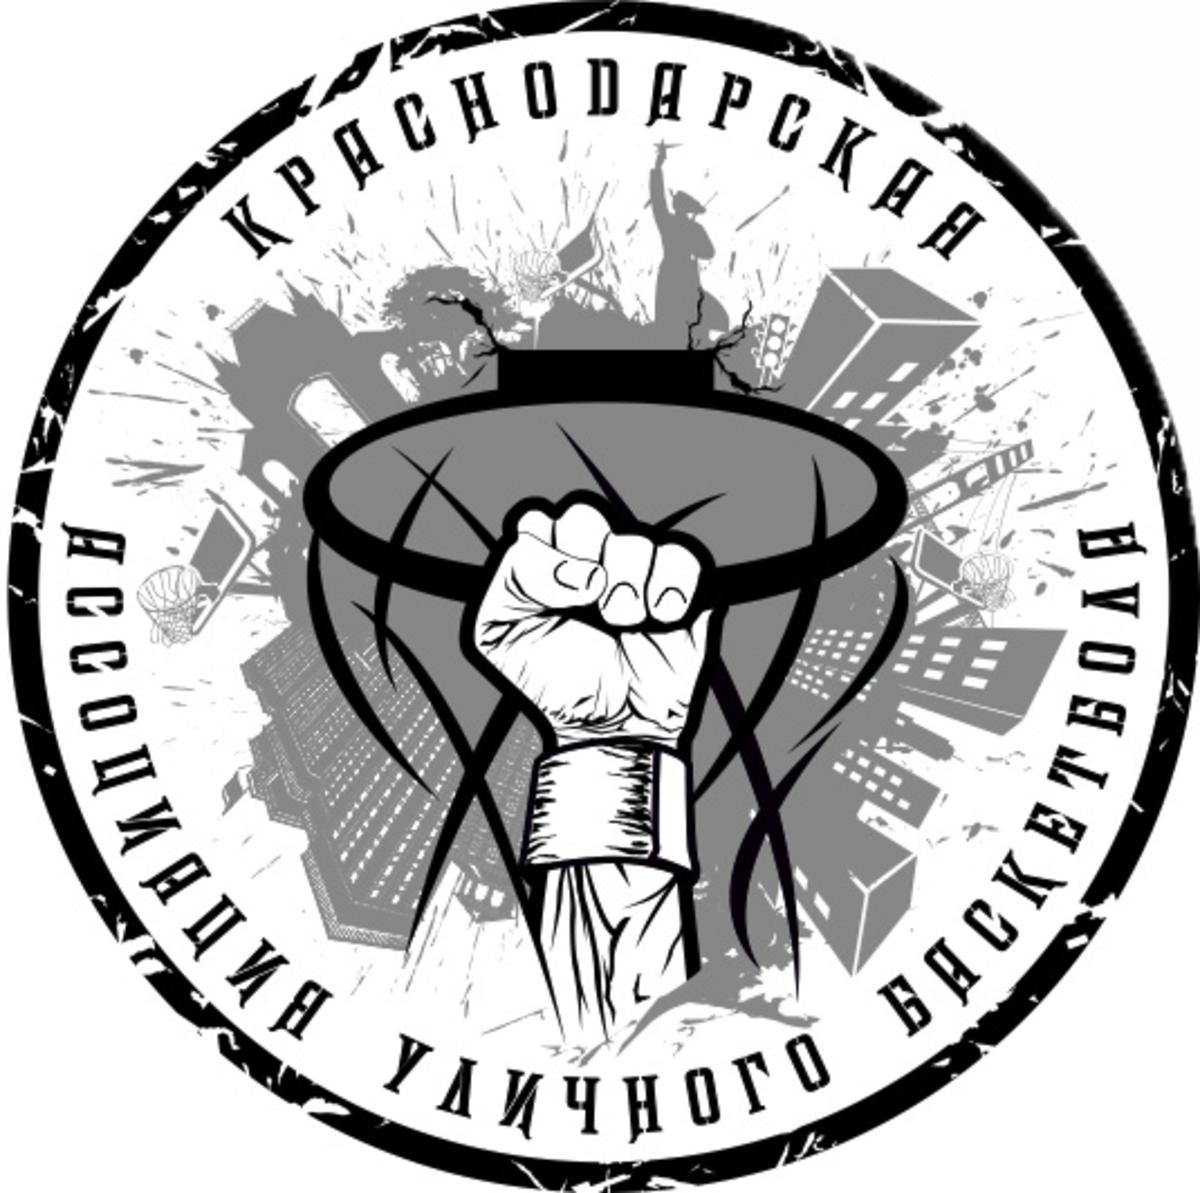 Краснодарская ассоциация уличного баскетбола / Проект компании Zeebra